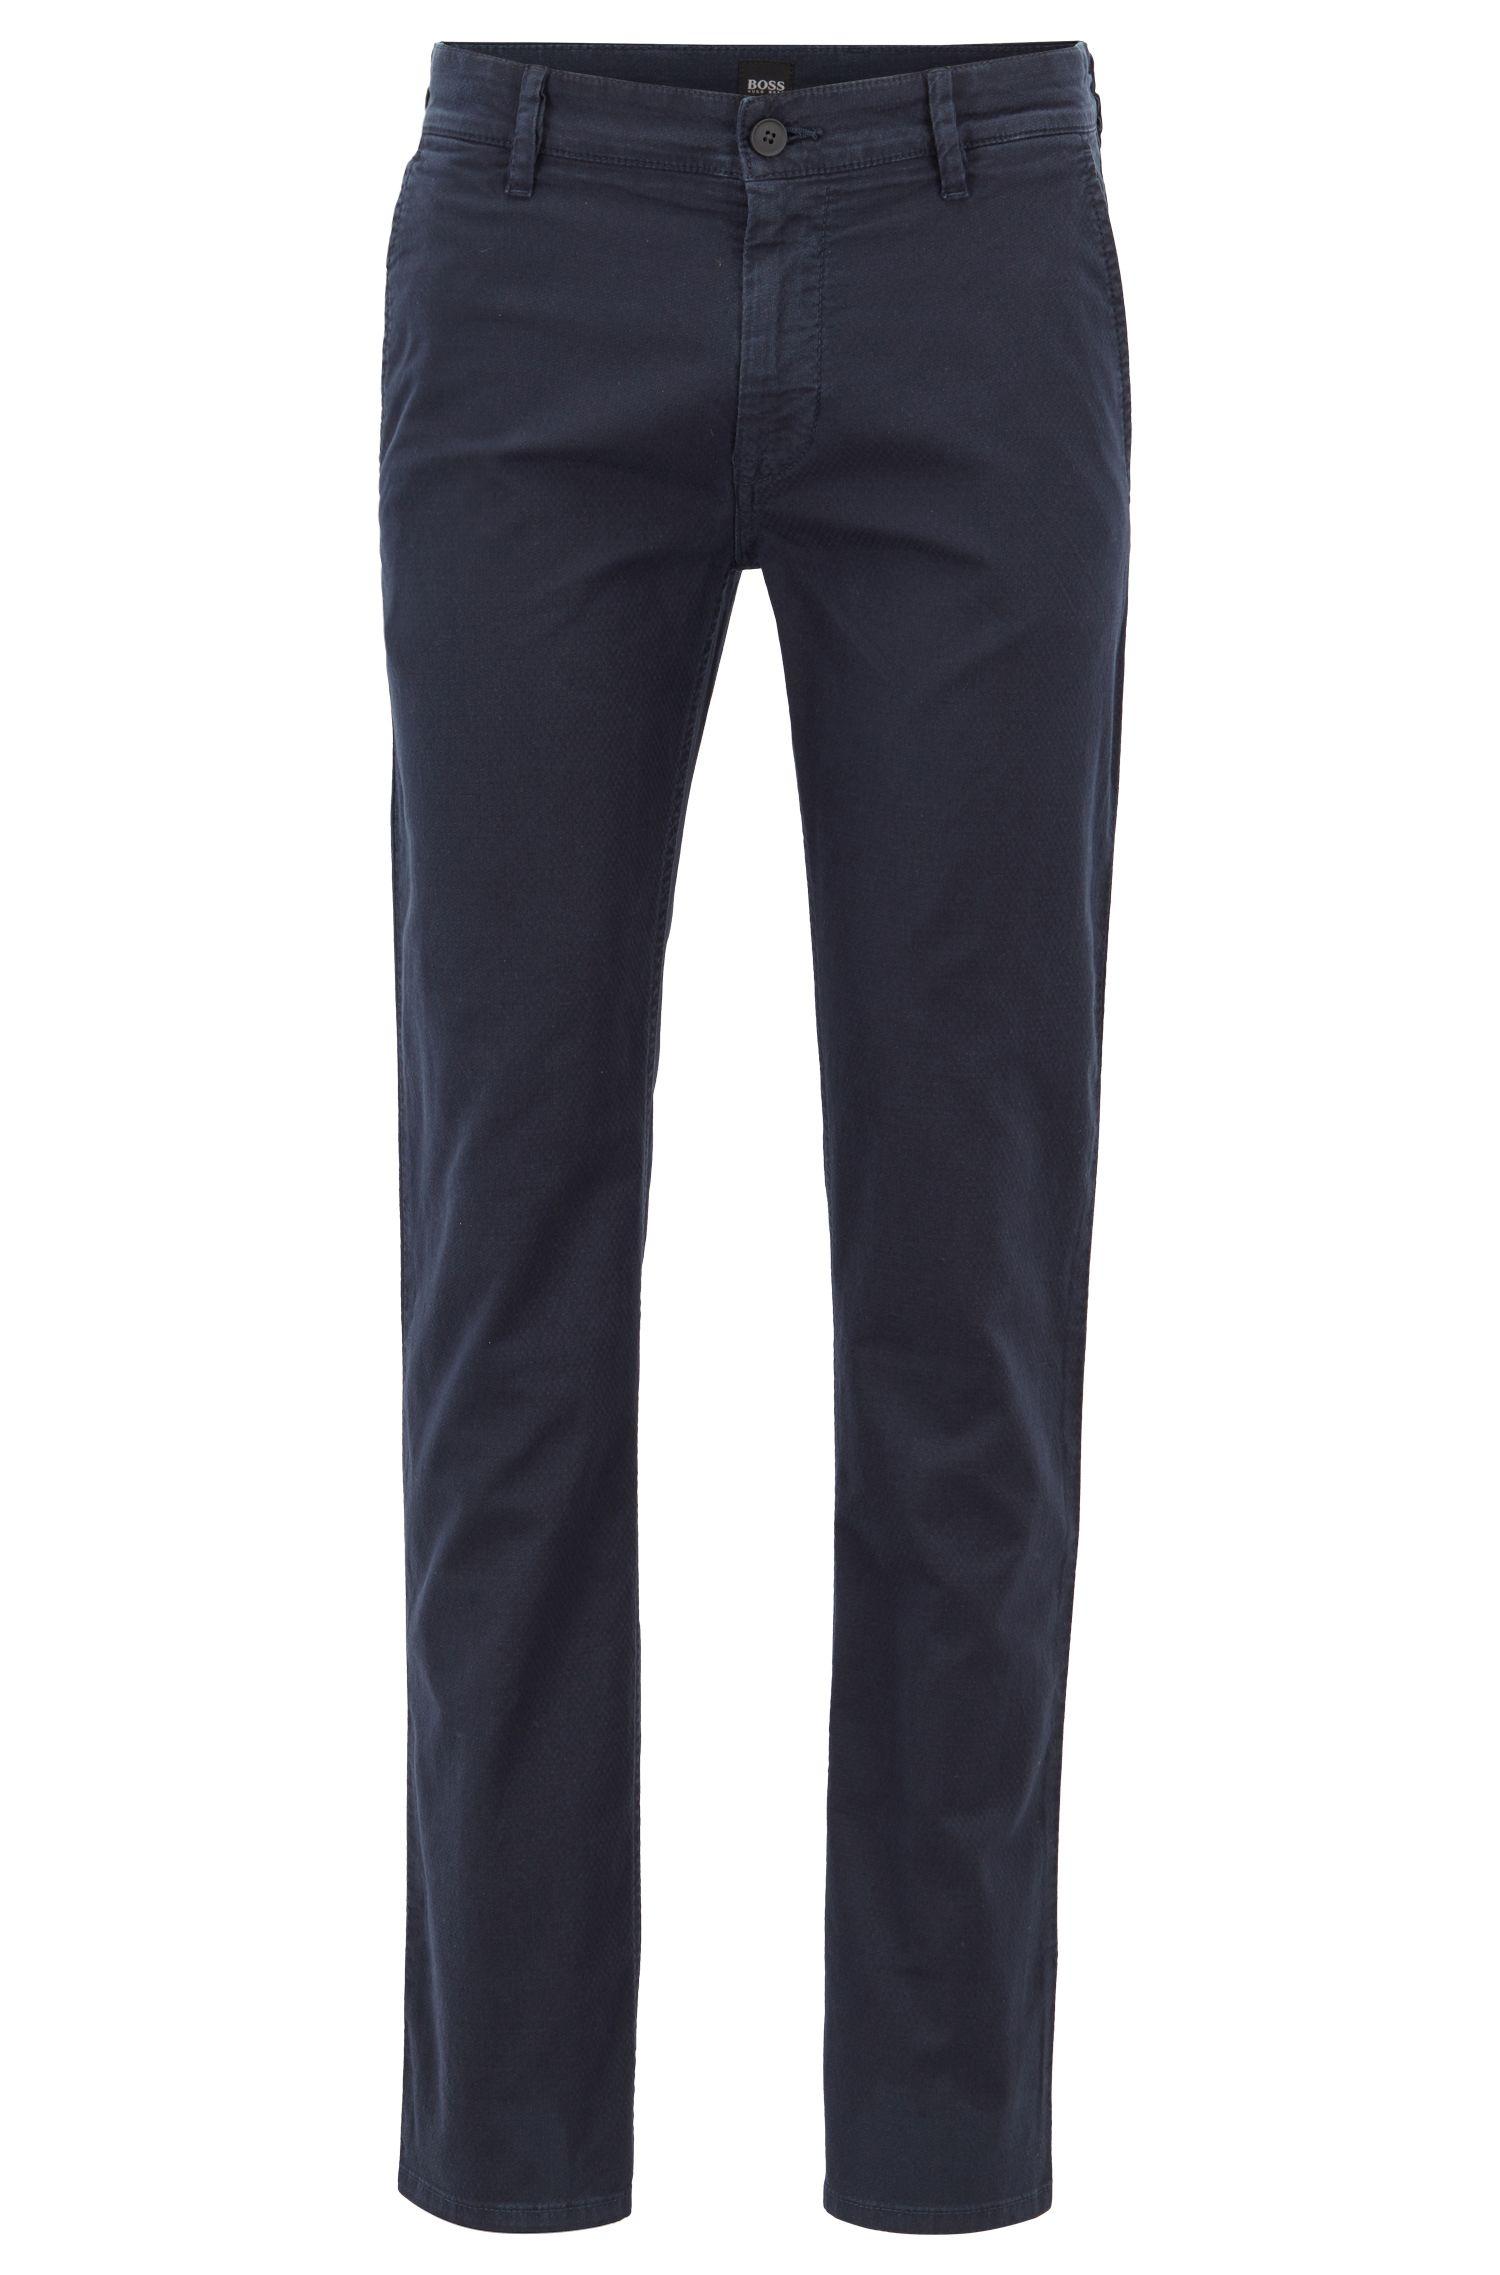 Pantaloni slim fit in cotone elasticizzato strutturato, Blu scuro